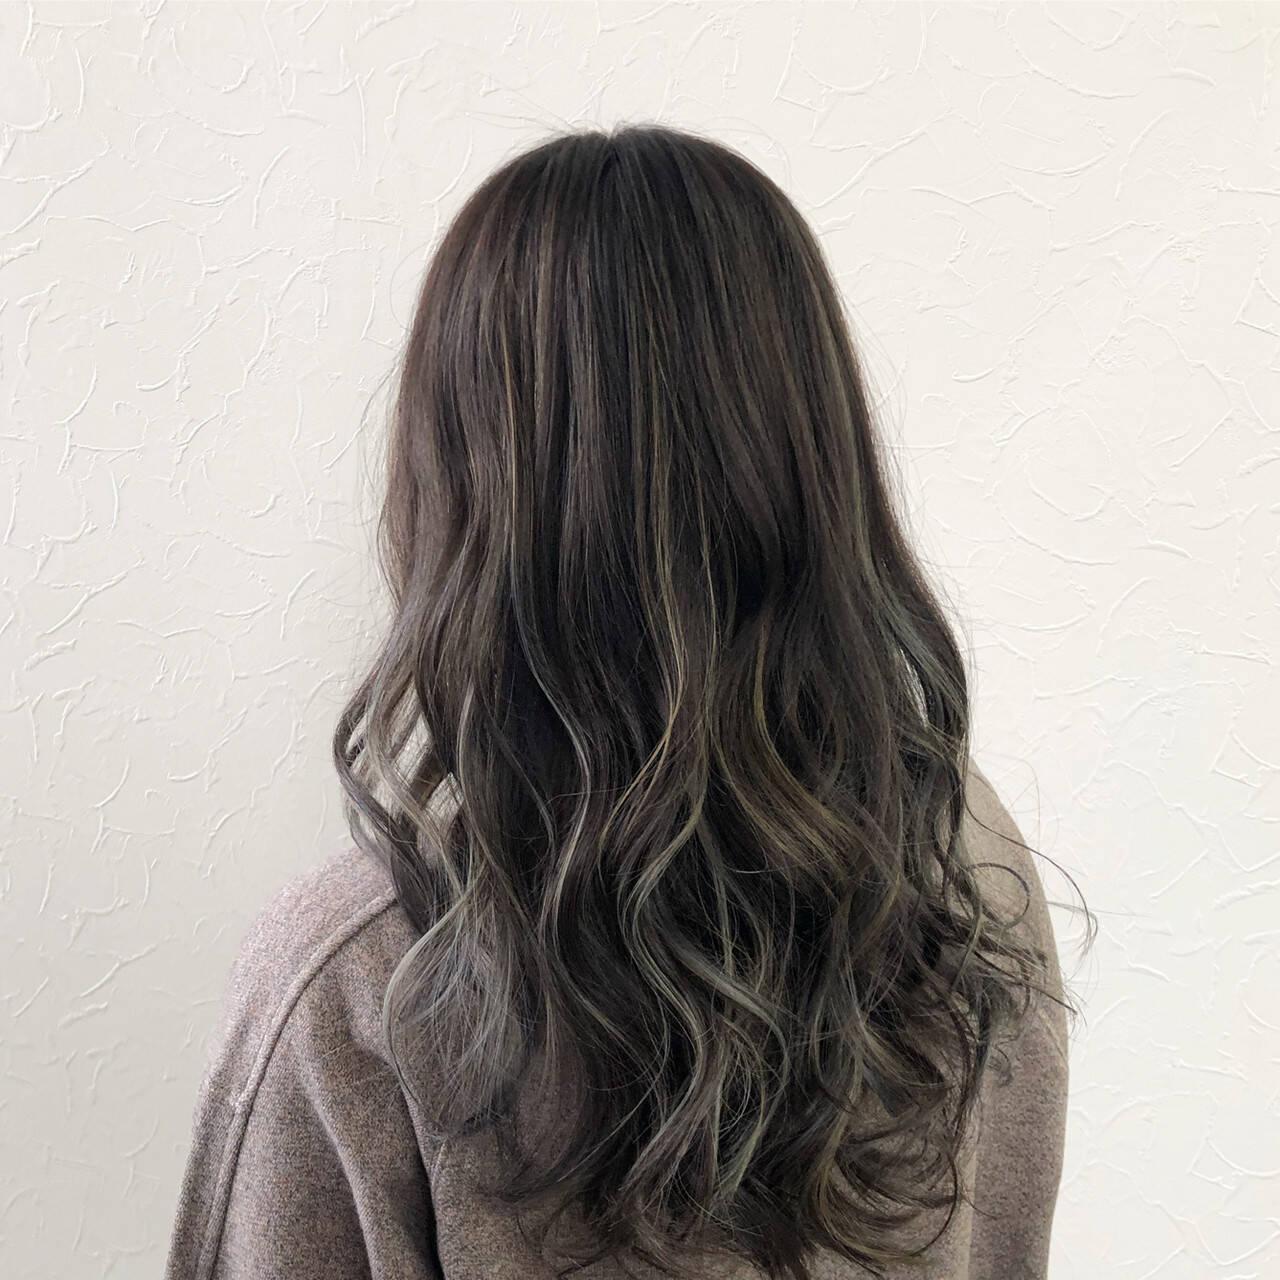 暗色カラー ハイライト グレージュ ナチュラルヘアスタイルや髪型の写真・画像